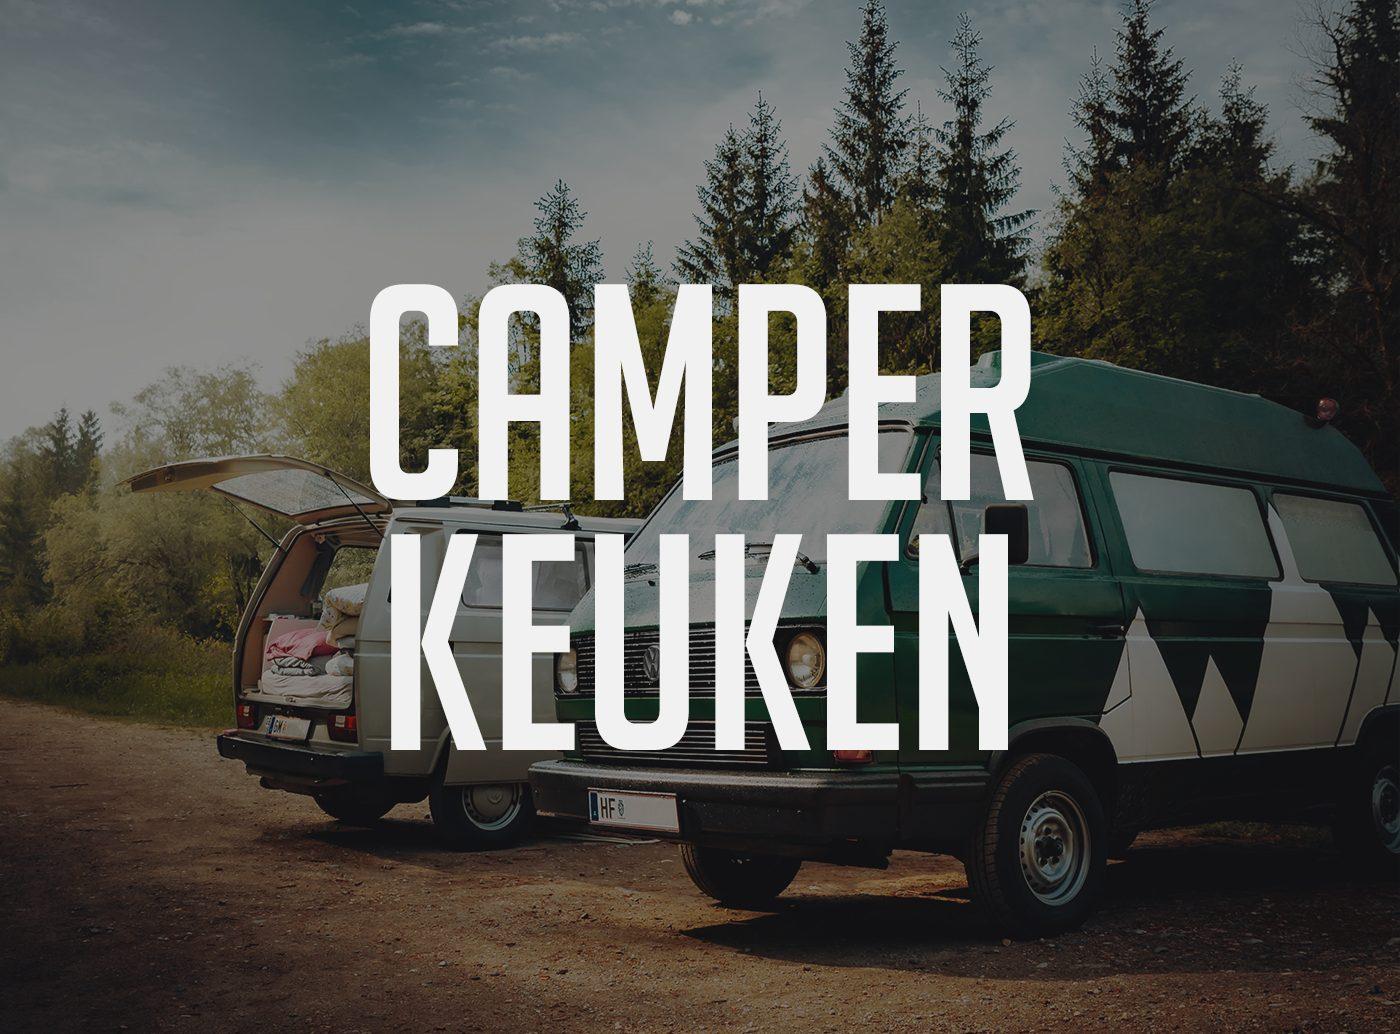 Camper bouwen keuken vanlife